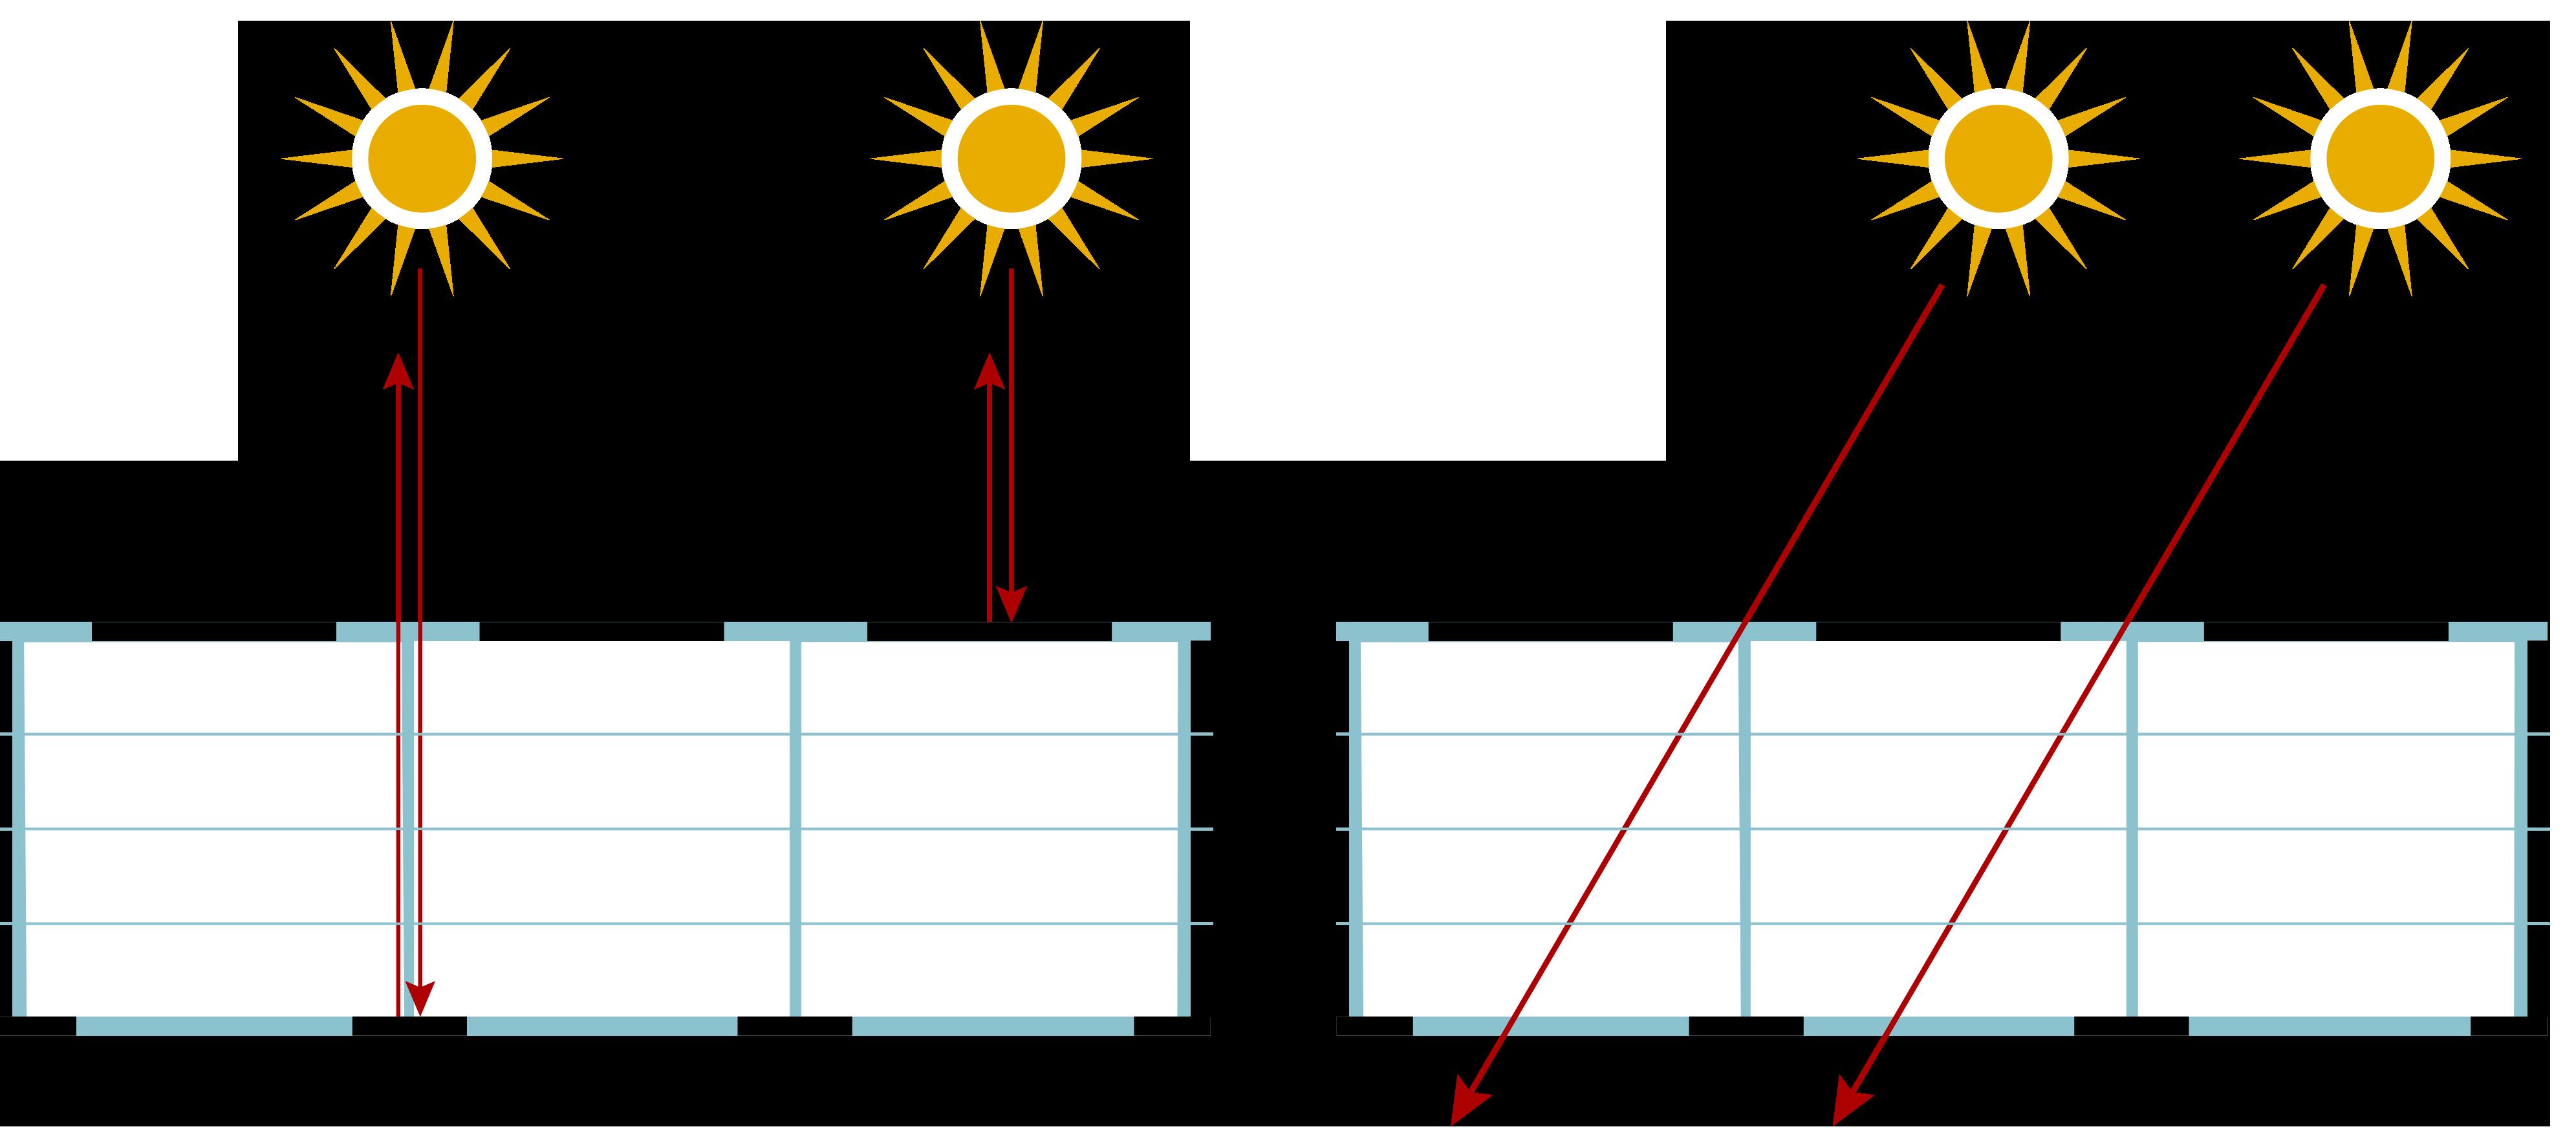 Schema der gestreiften Steinplatten wie die Sonnenstrahlen reflektiert werden